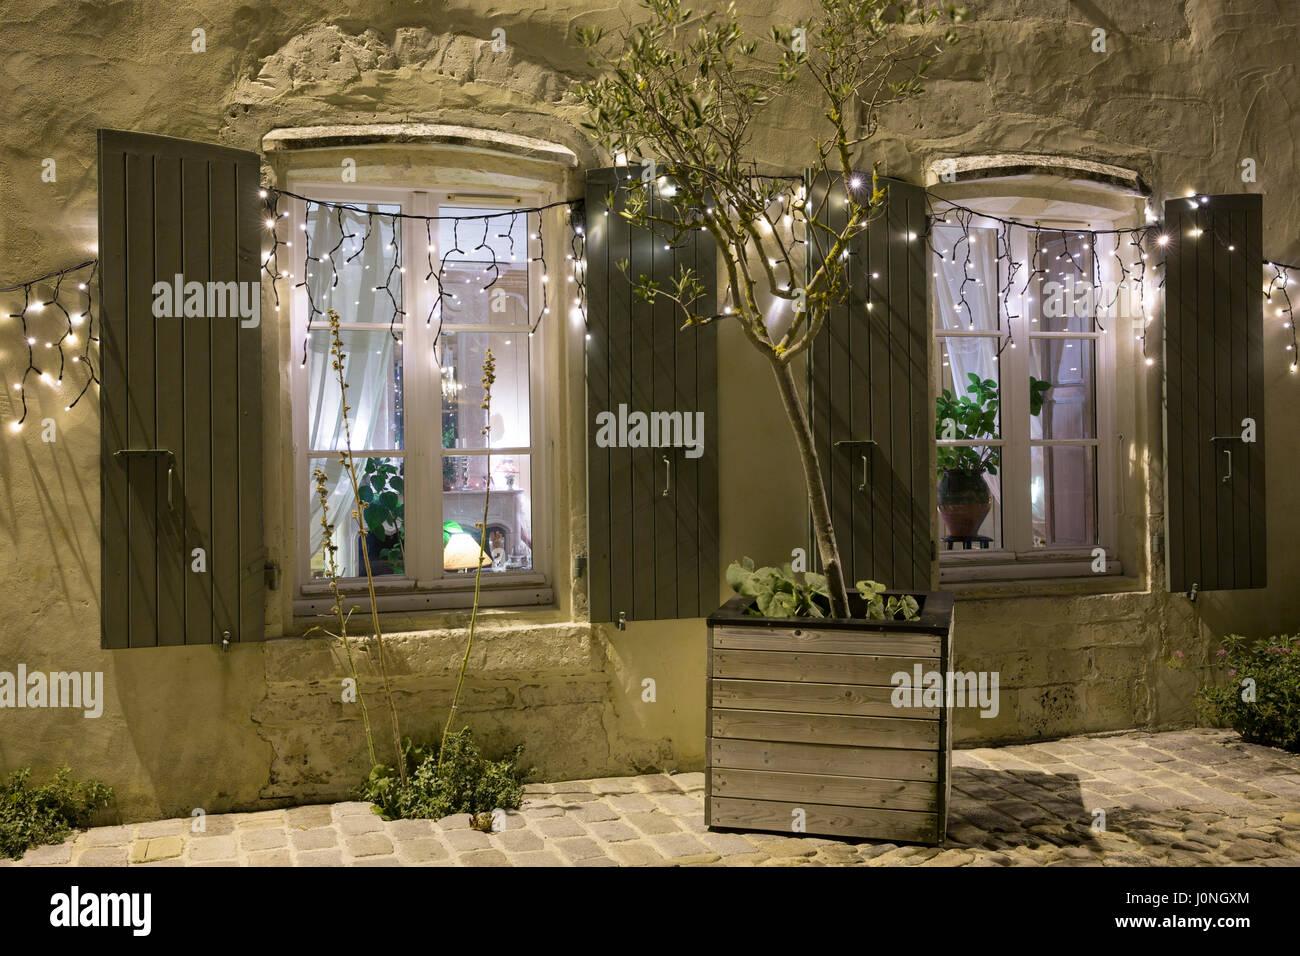 fenêtres avec volets de l'hotel corps de garde, l'architecture